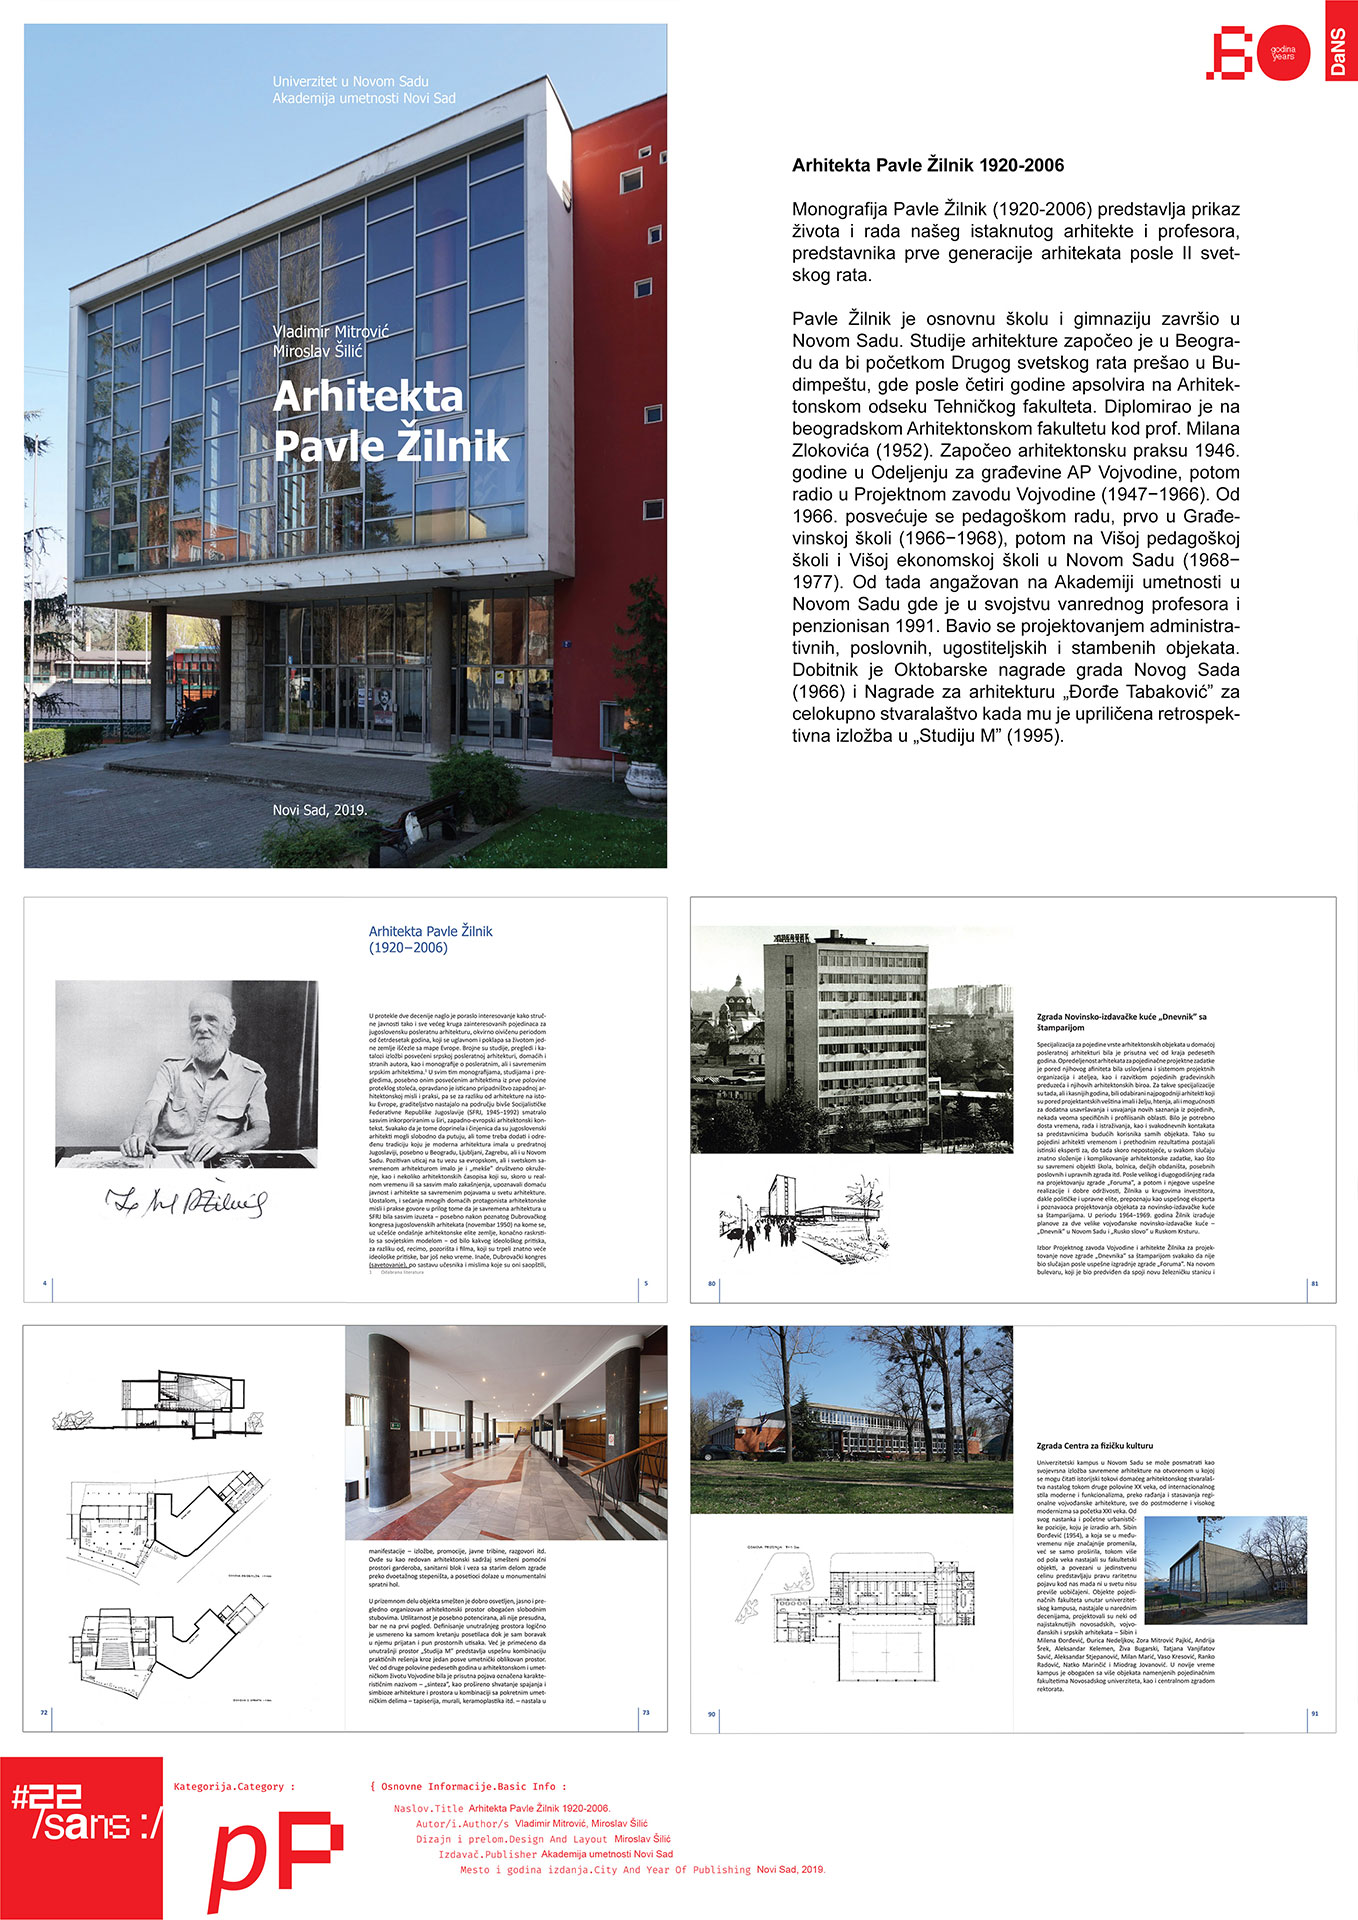 Arhitekta Pavle Žilnik (1920-2006) // Architect Pavle Žilnik (1920-2006)